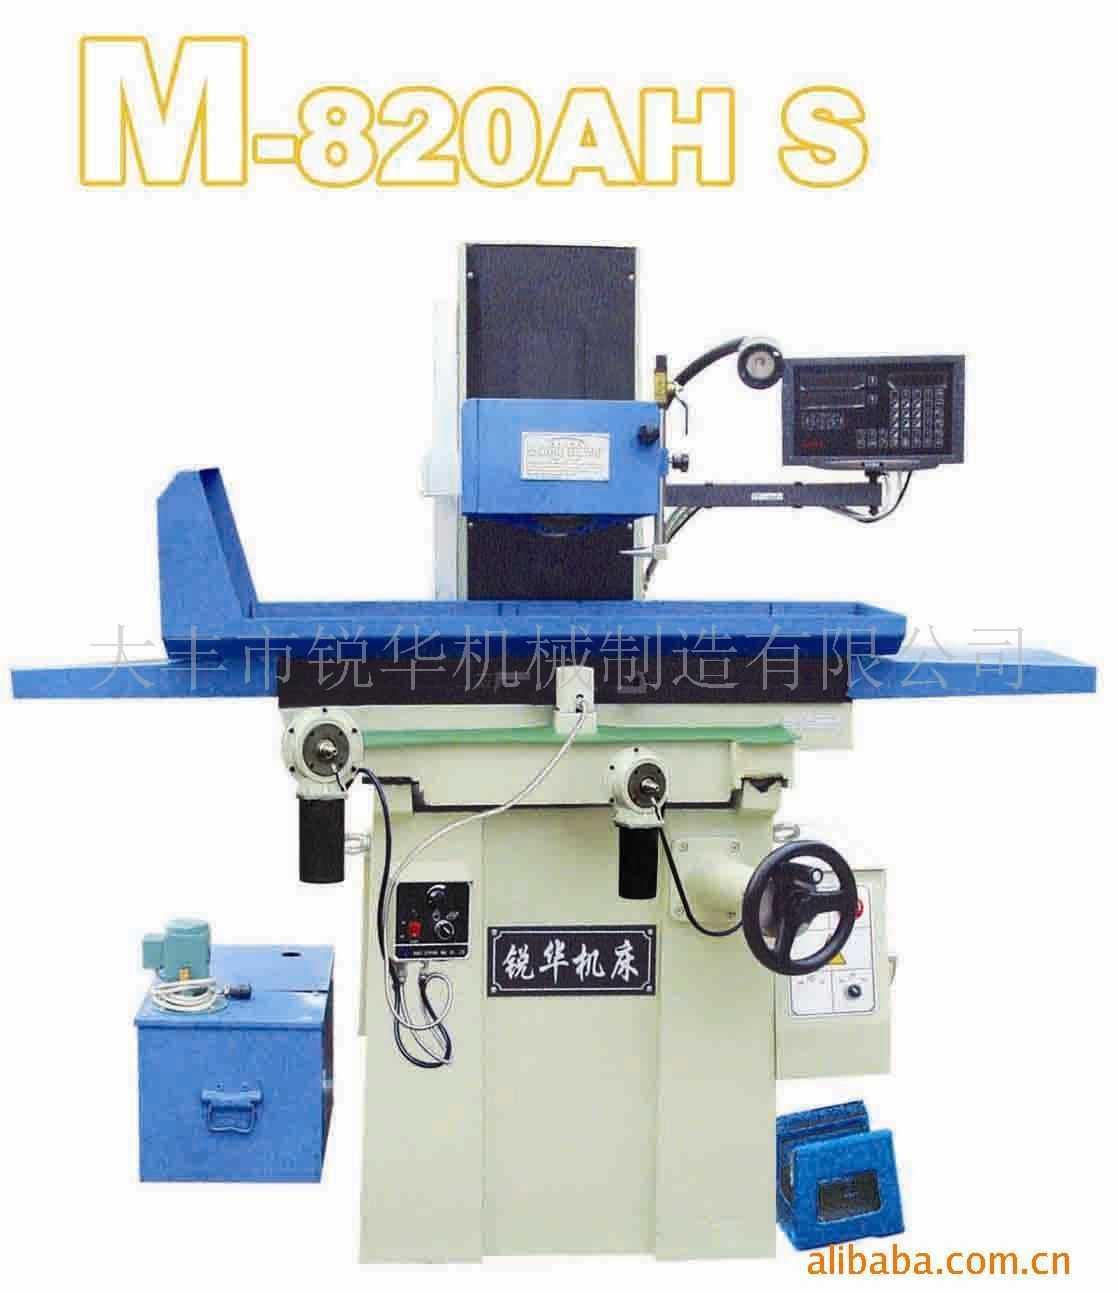 M-820AHS锐华全自动数显平面磨床